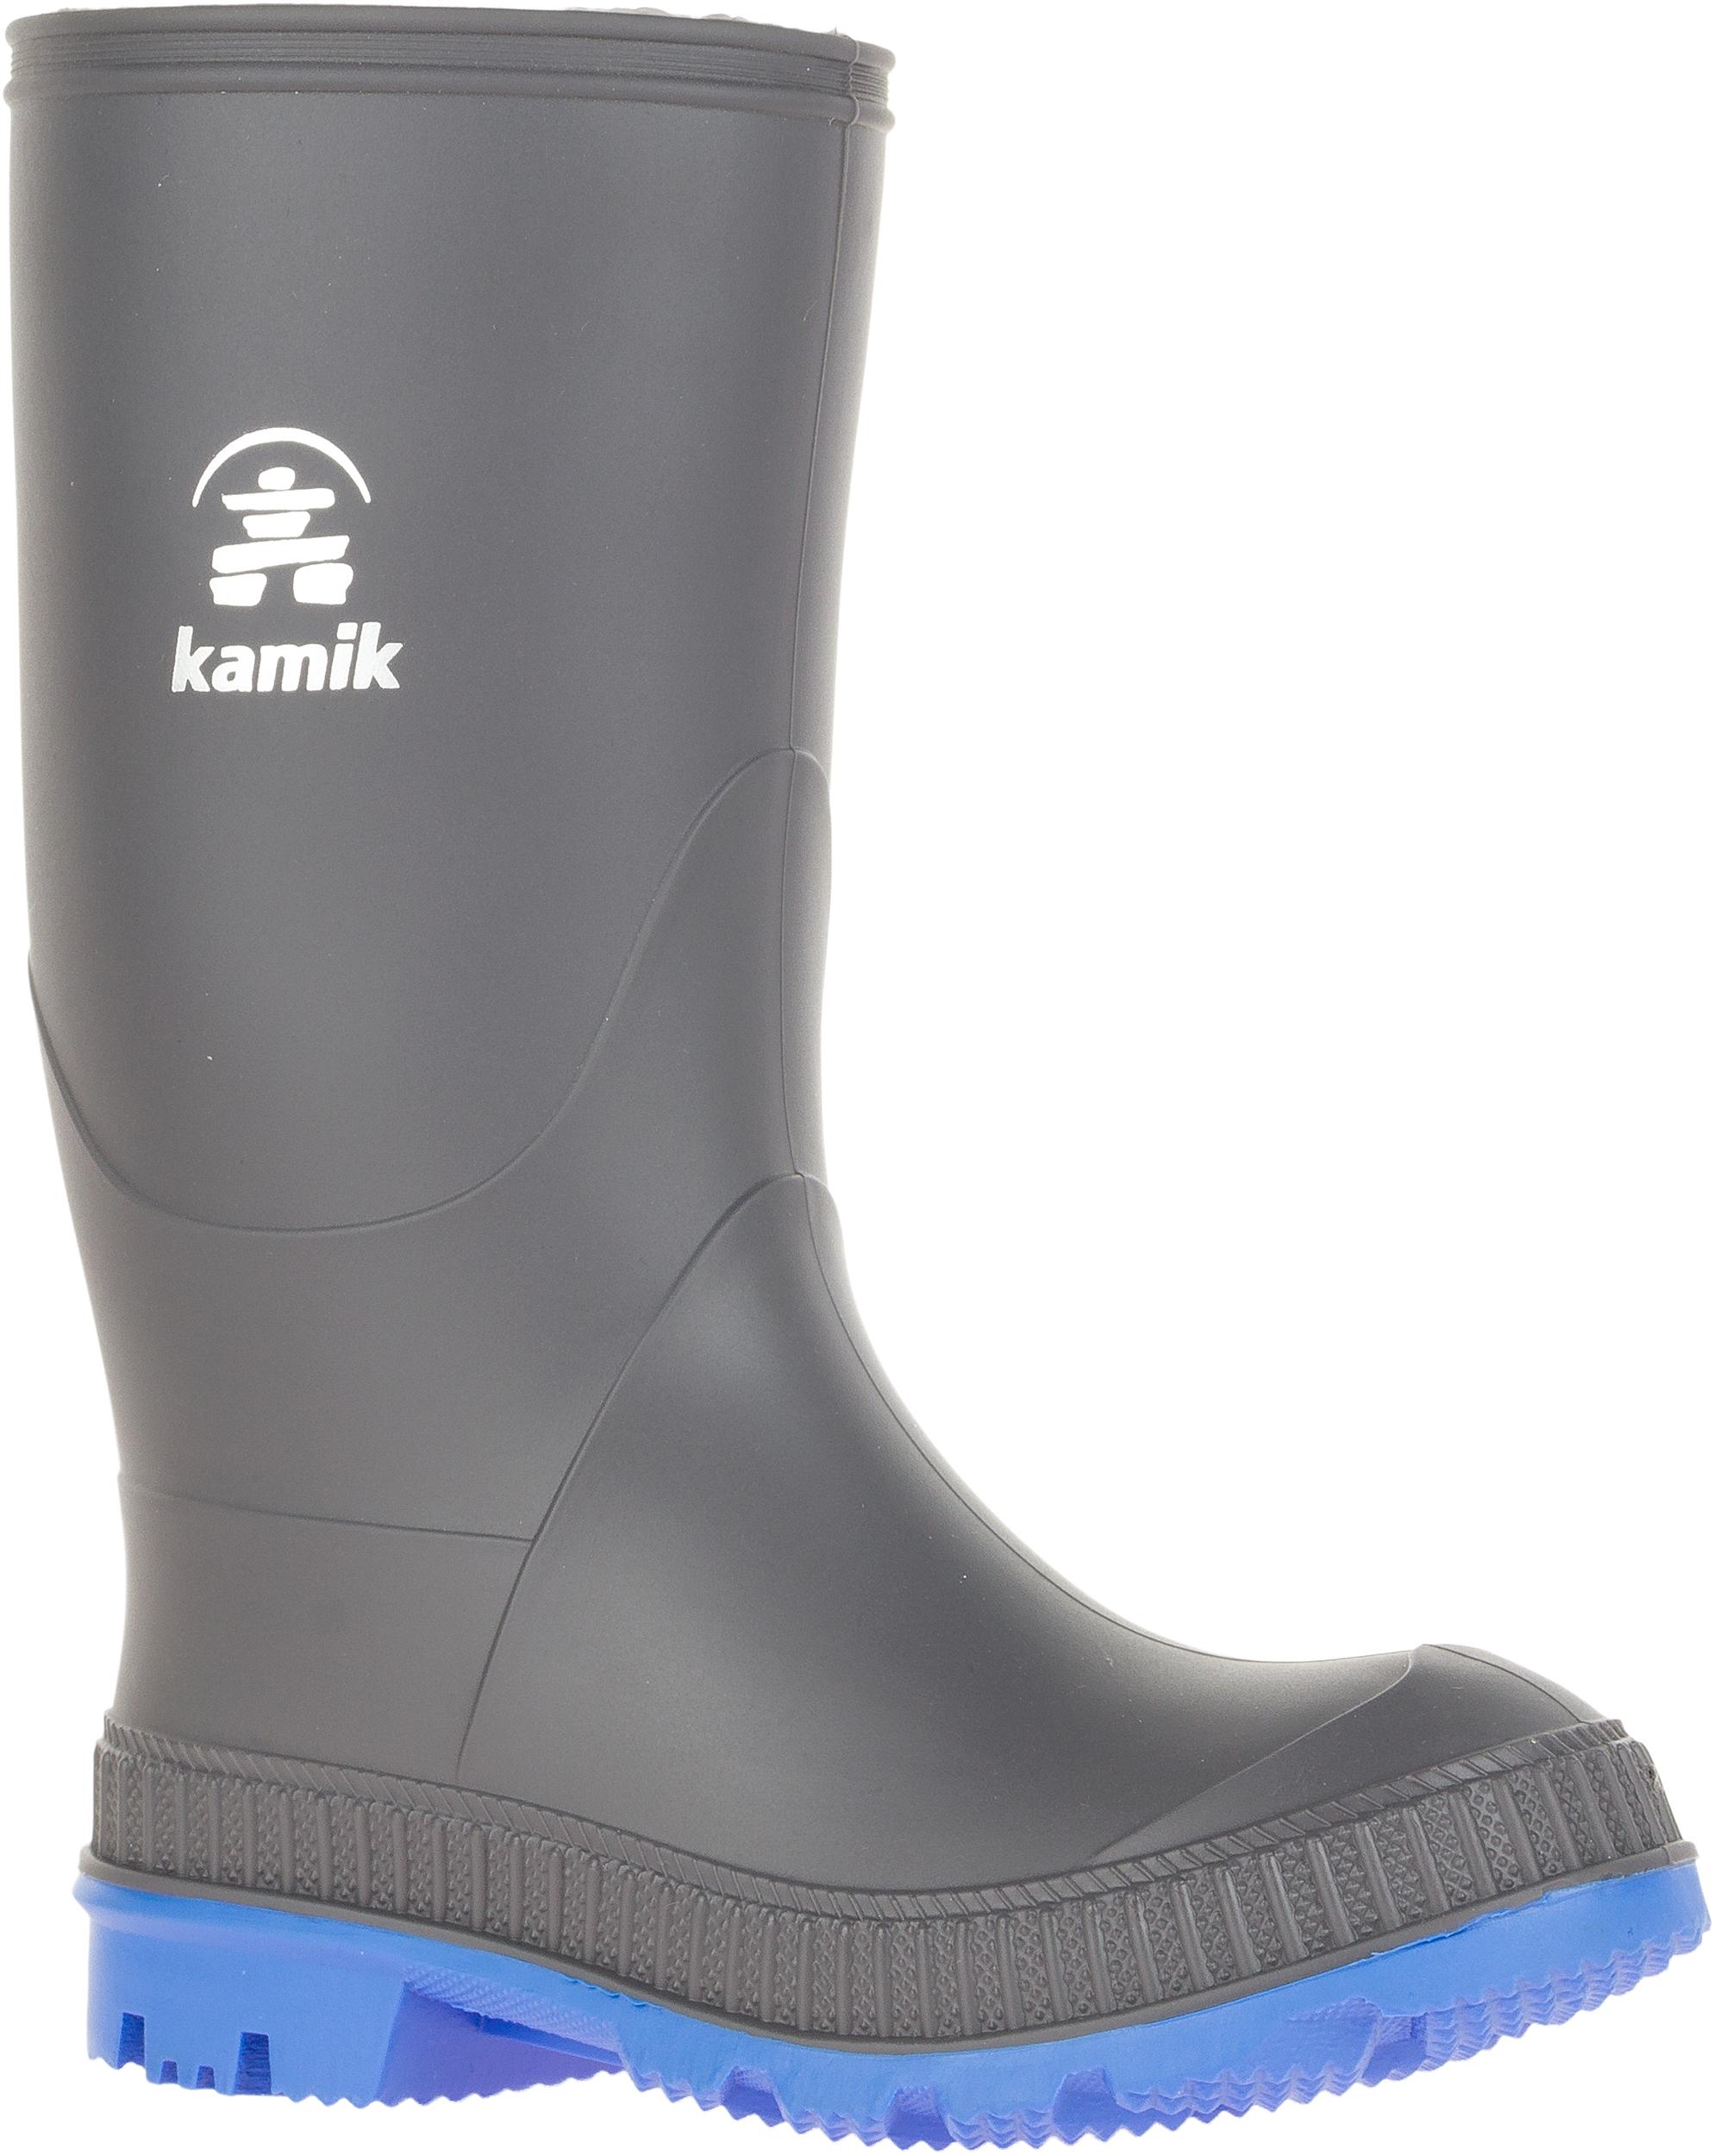 69ace69a44a1 Footwear